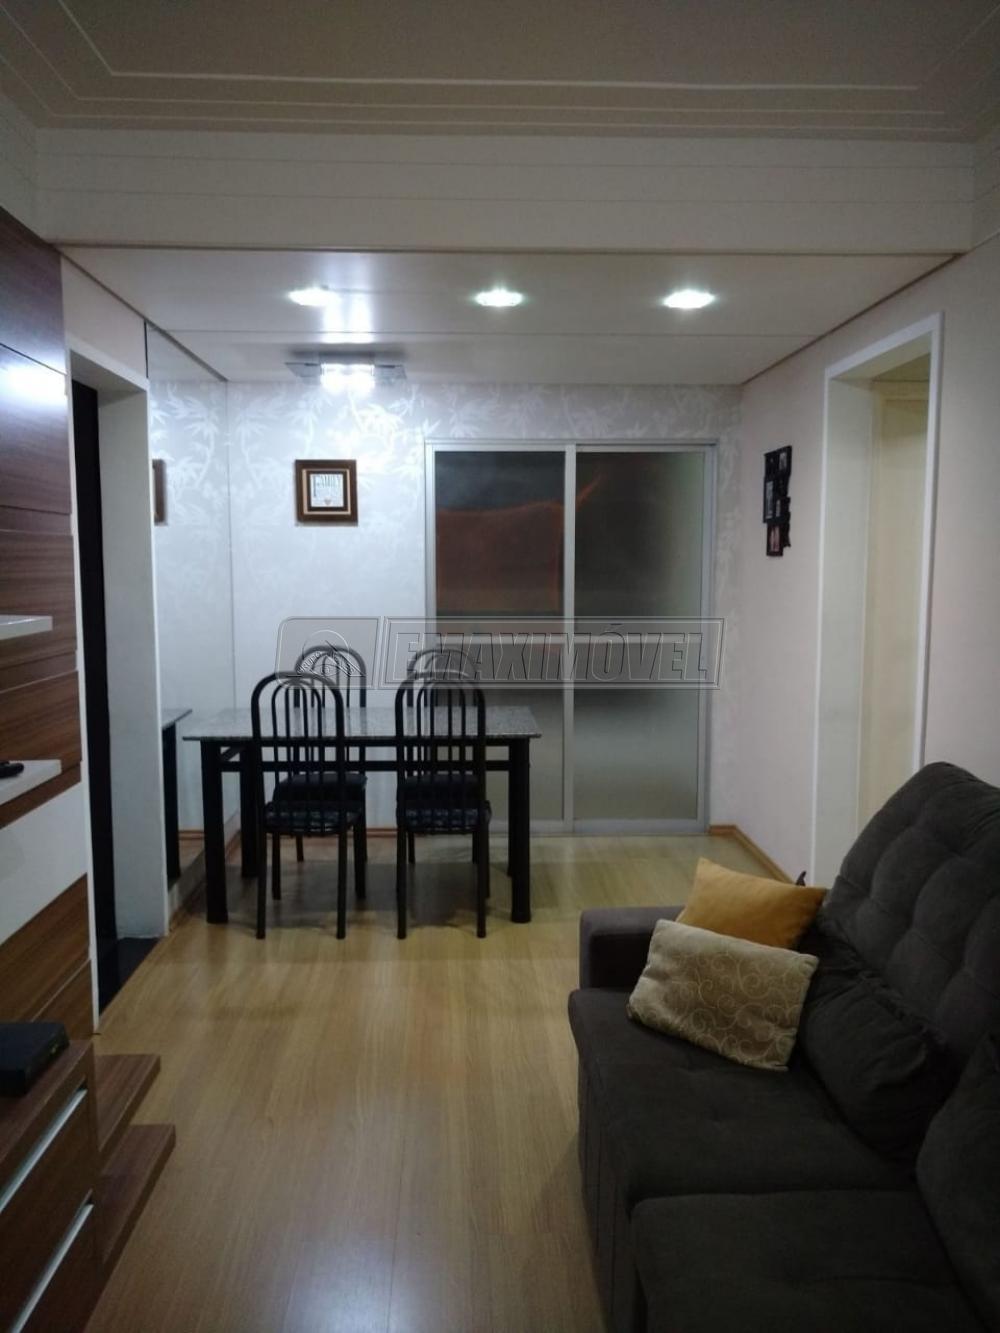 Comprar Apartamentos / Apto Padrão em Sorocaba apenas R$ 260.000,00 - Foto 6